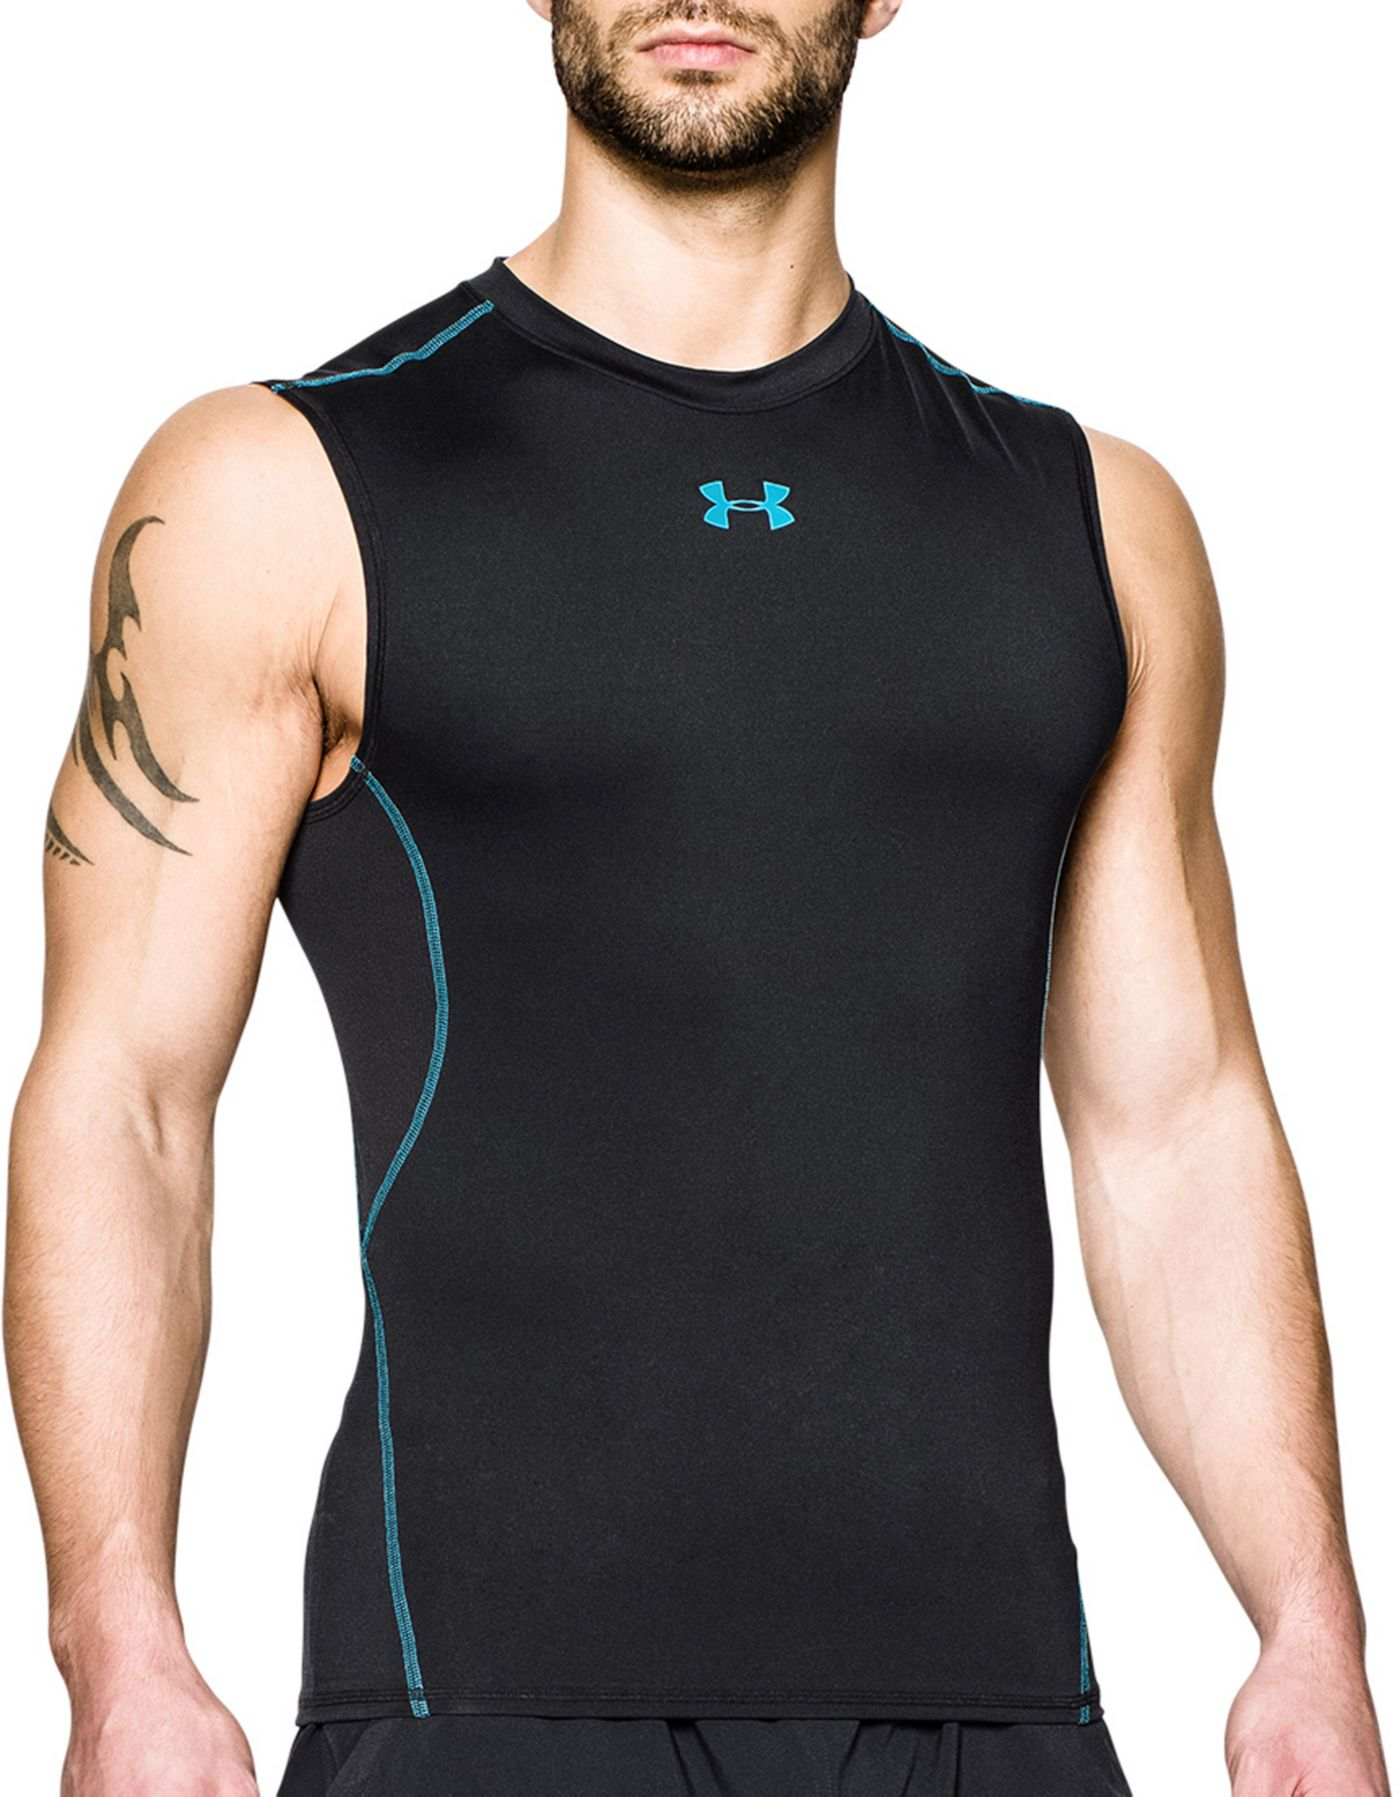 Under Armour Men's HeatGear Armour Sleeveless Shirt